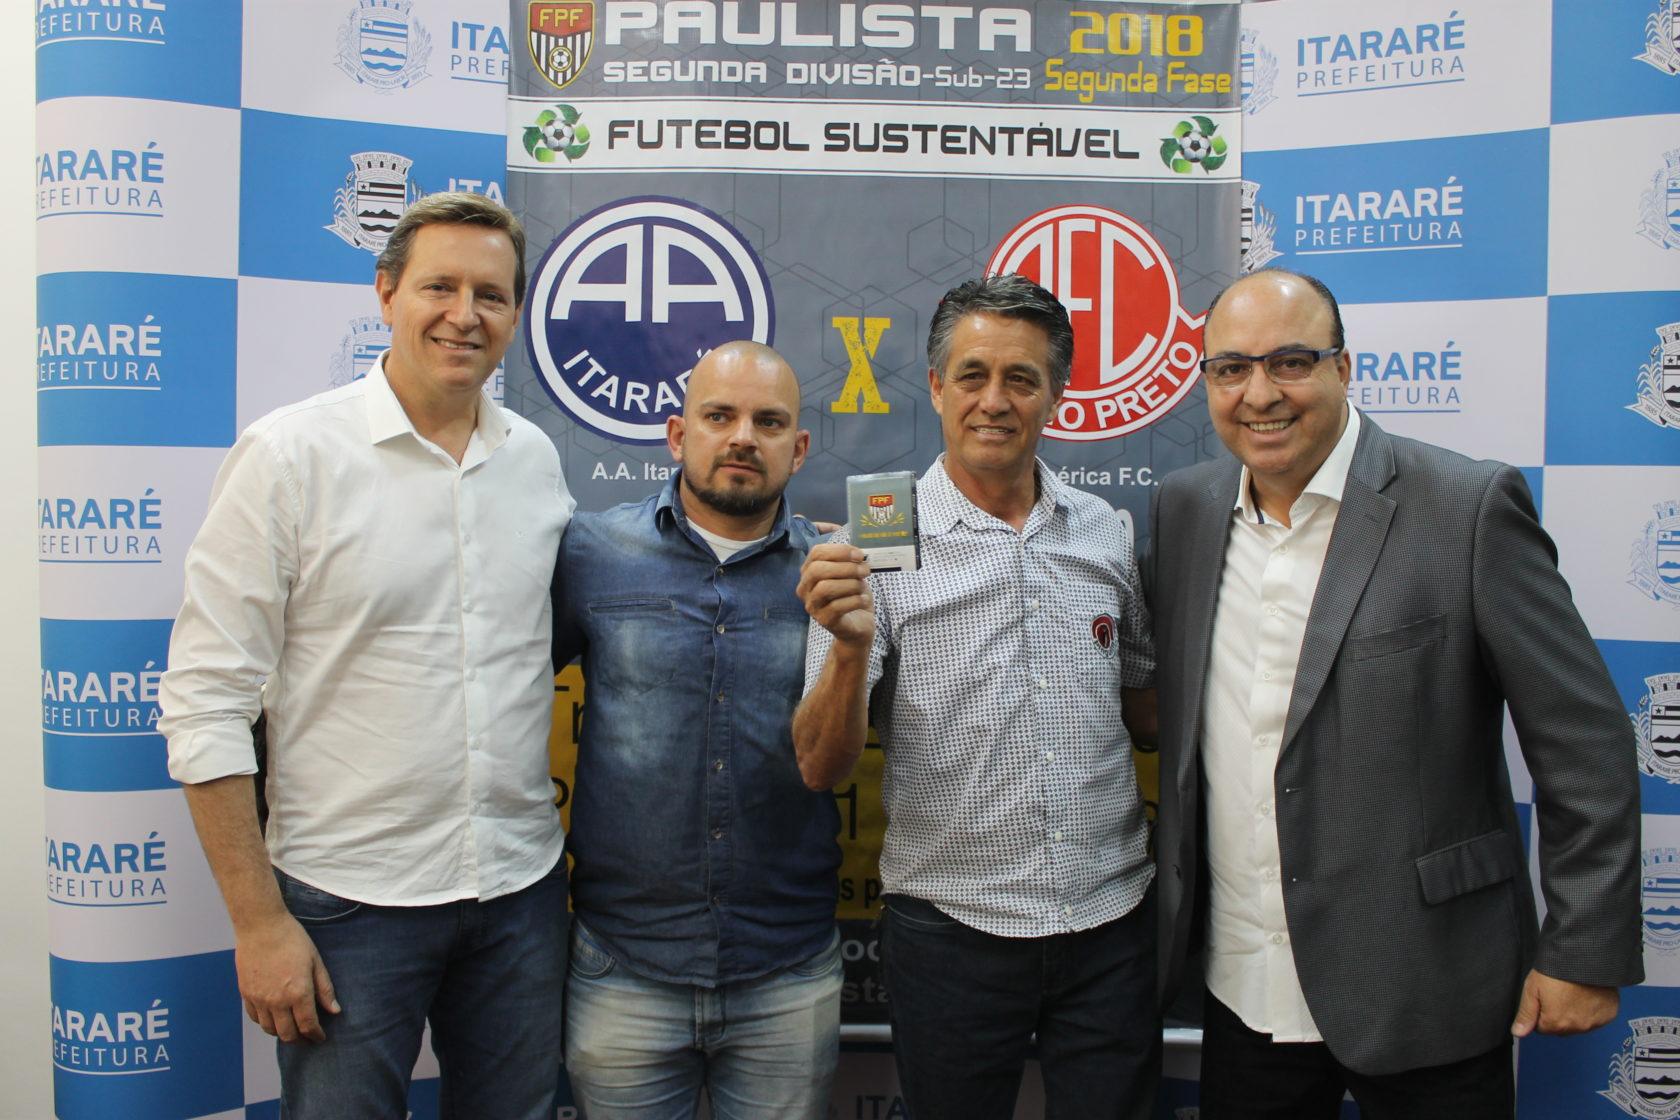 Projeto Futebol Sustentável arrecada mais de 5.500 mil garrafas PETs em Itararé (SP)